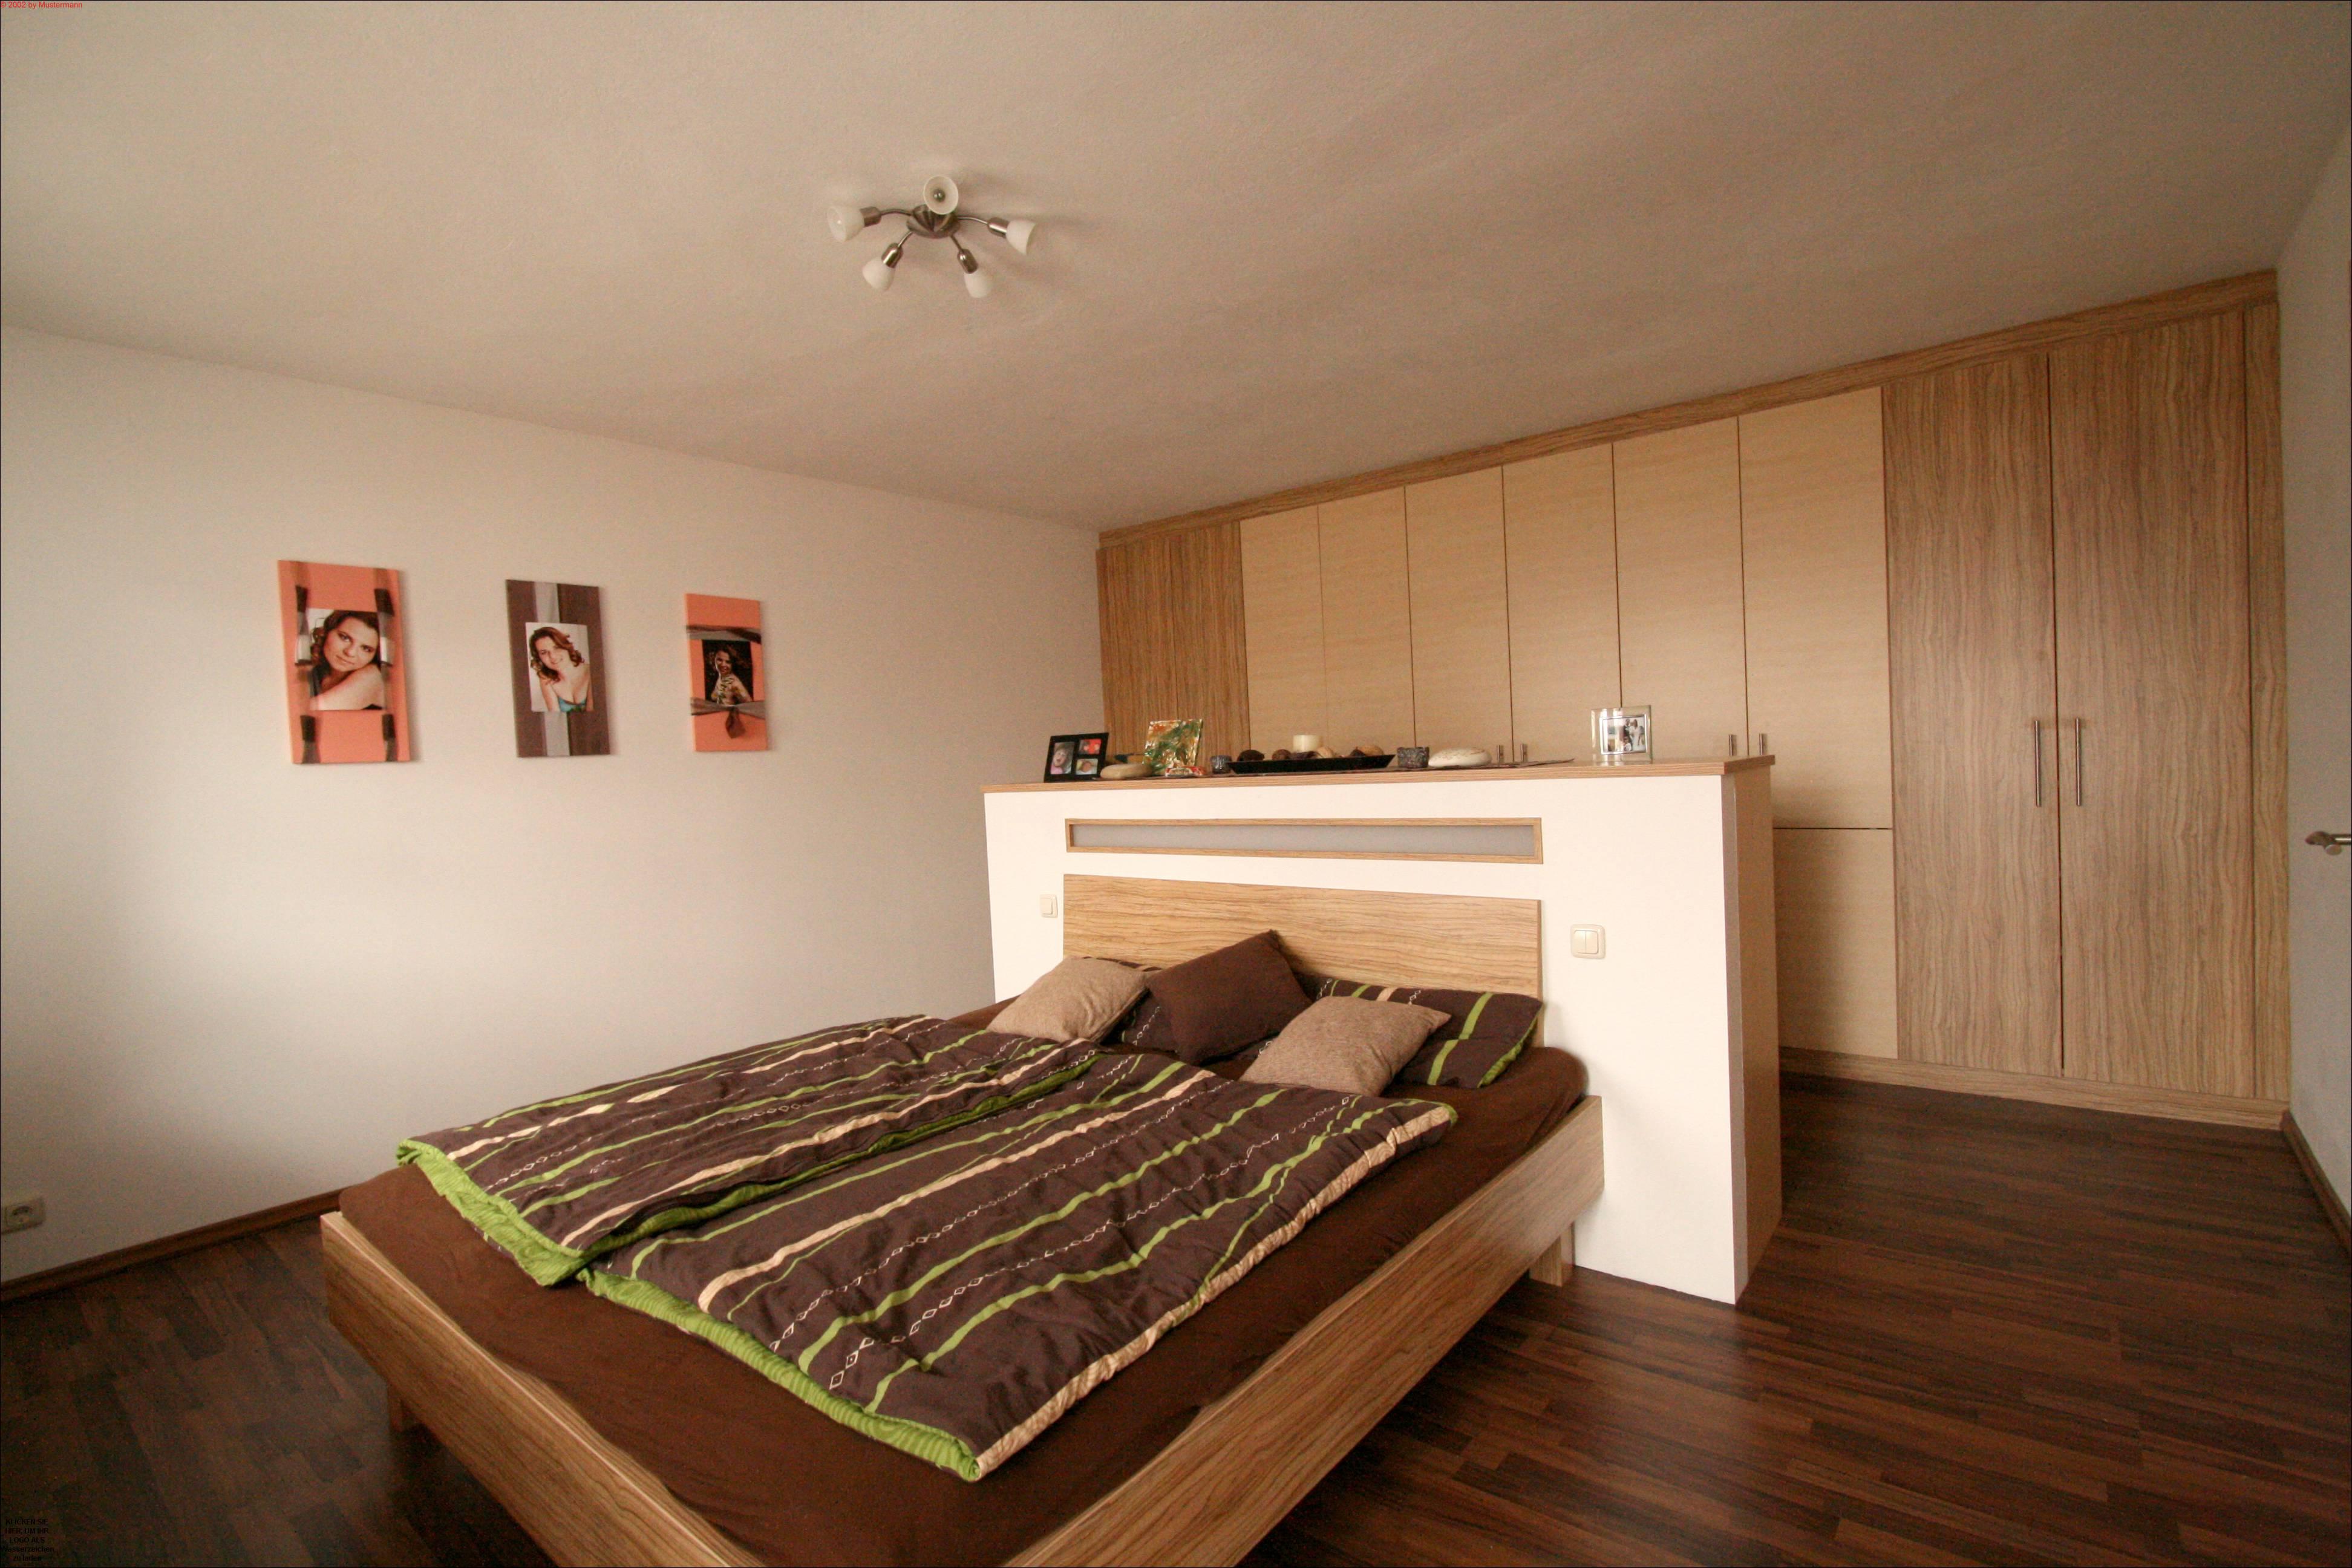 schlafzimmer mit freistehendem bett listberger tischlerei. Black Bedroom Furniture Sets. Home Design Ideas